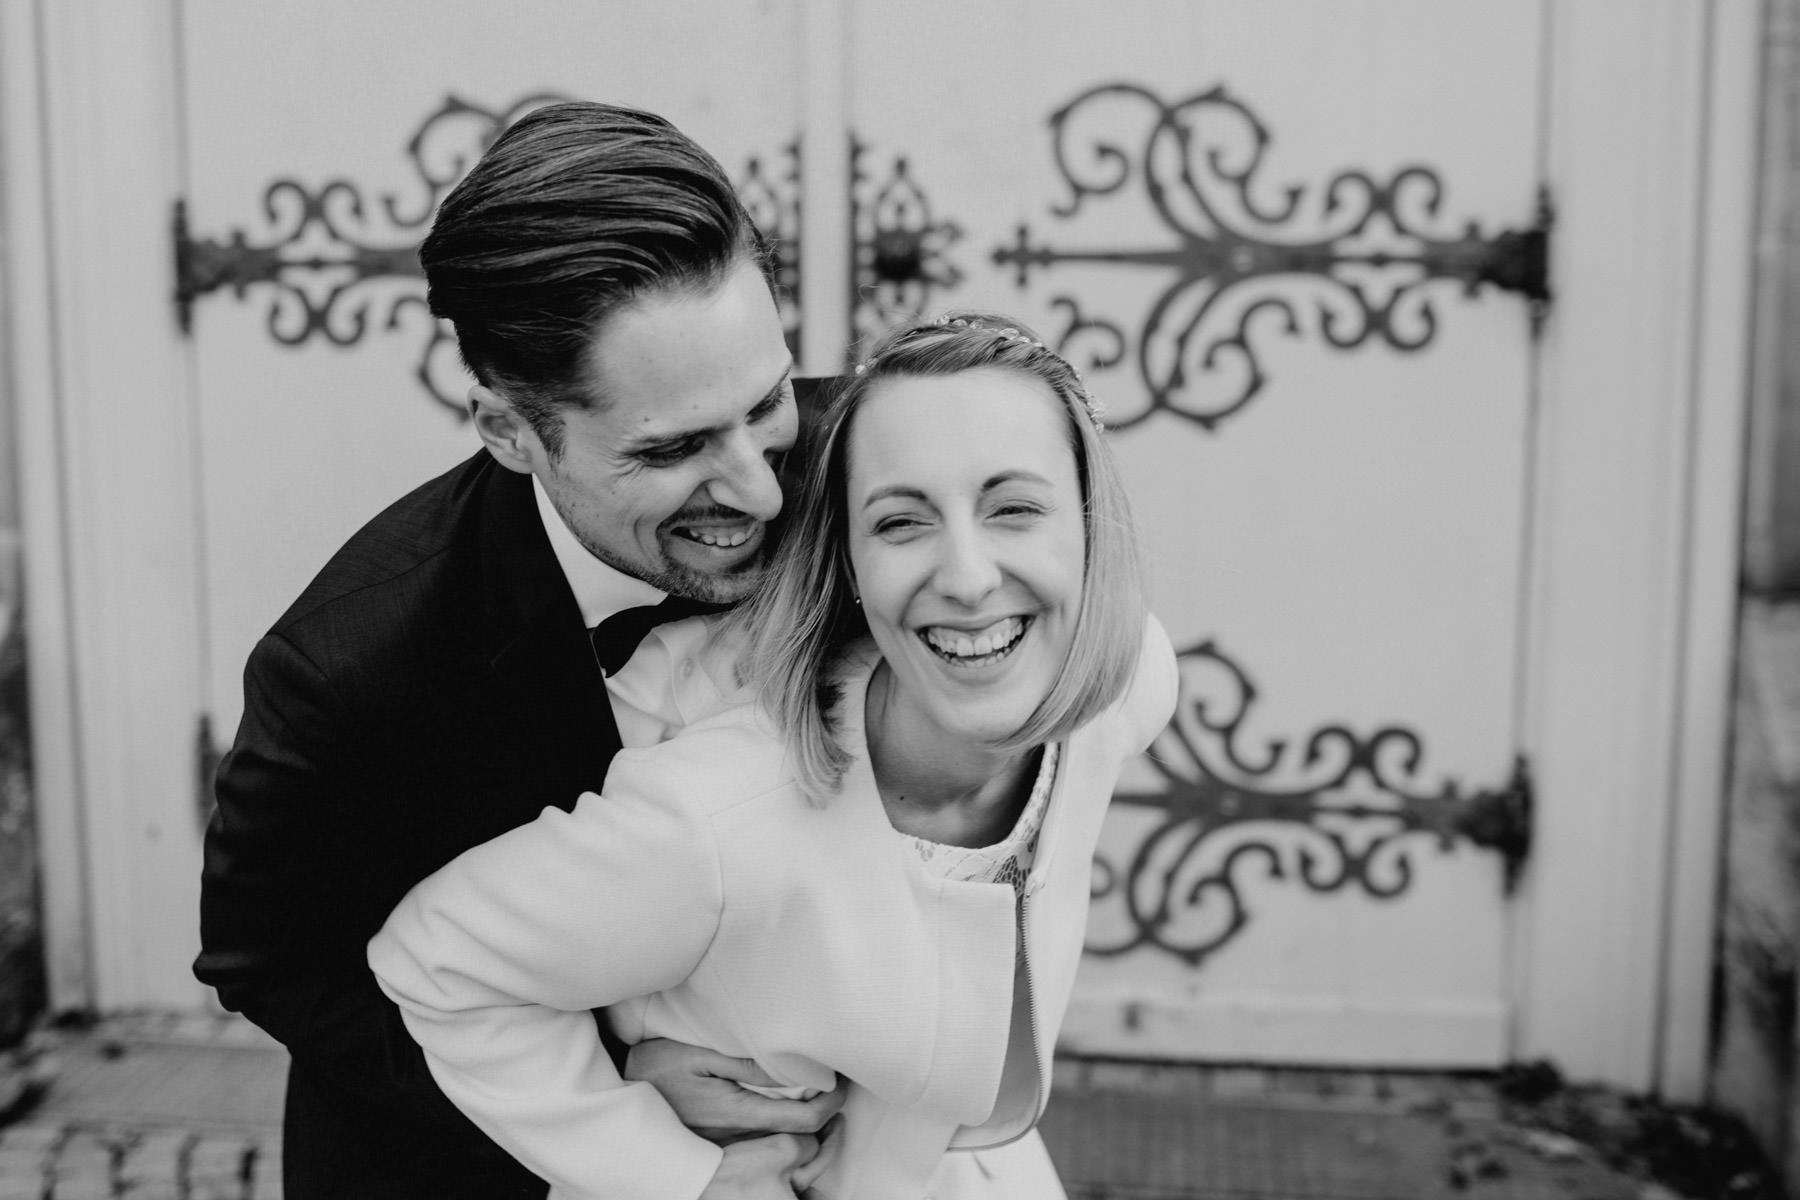 Momentaufnahme eines lachenden Hochzeitspaares